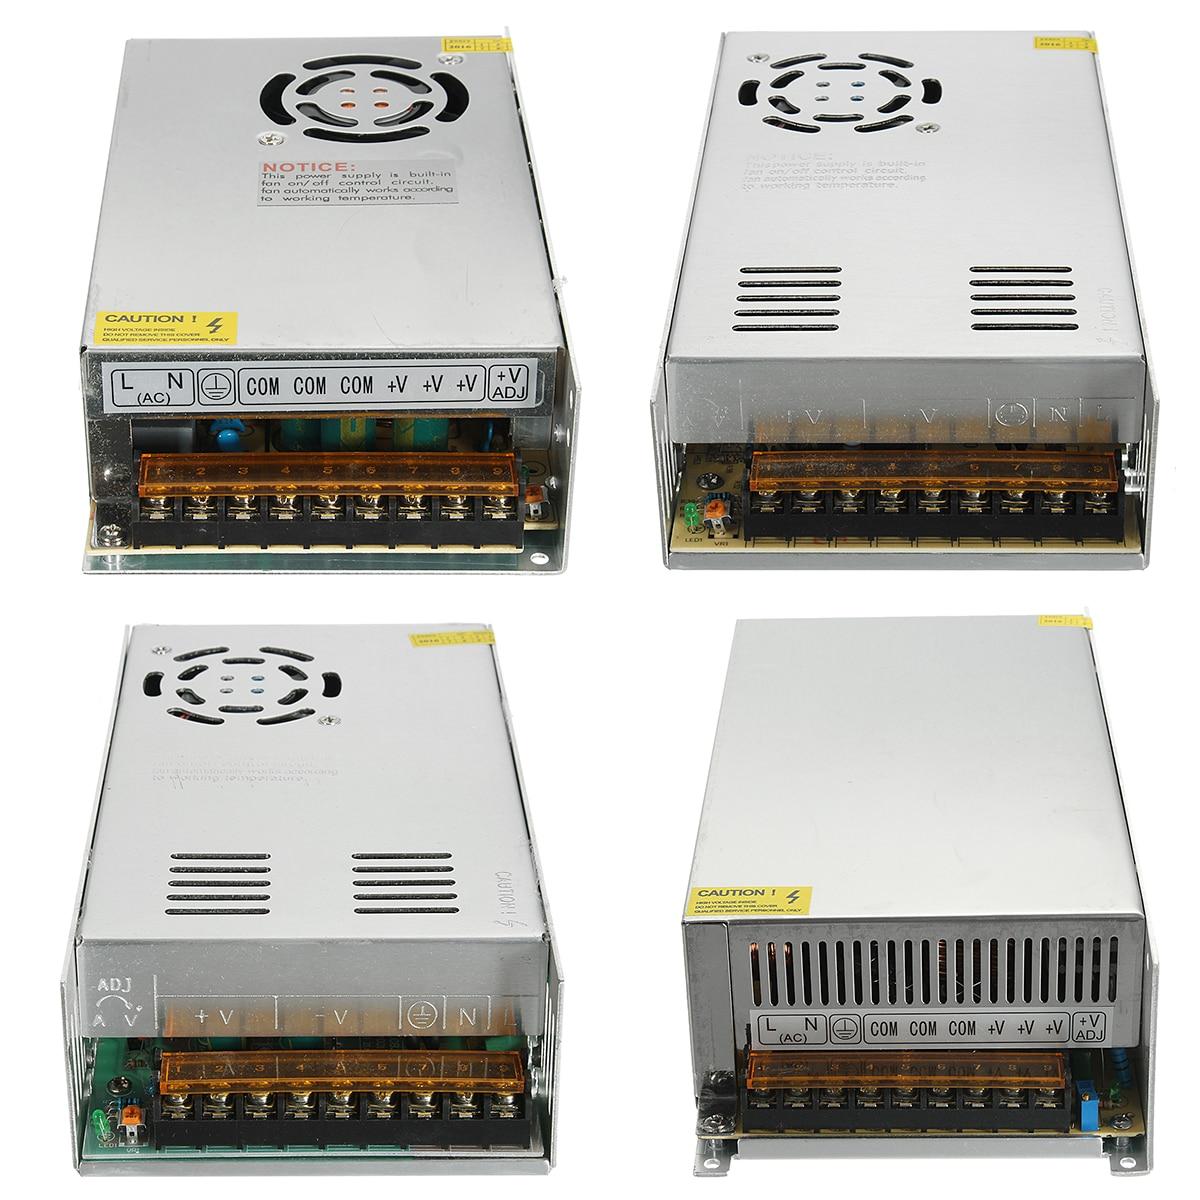 AC 110V-220V to DC 12V 20A/30A/40A/50A Switch Power Supply Adapter Strip Light hlq25 75s 100s 125s 150s 10a 20a 30a 40a 50a 10b 20b 30b 40b 50b airtac sliding table cylinder